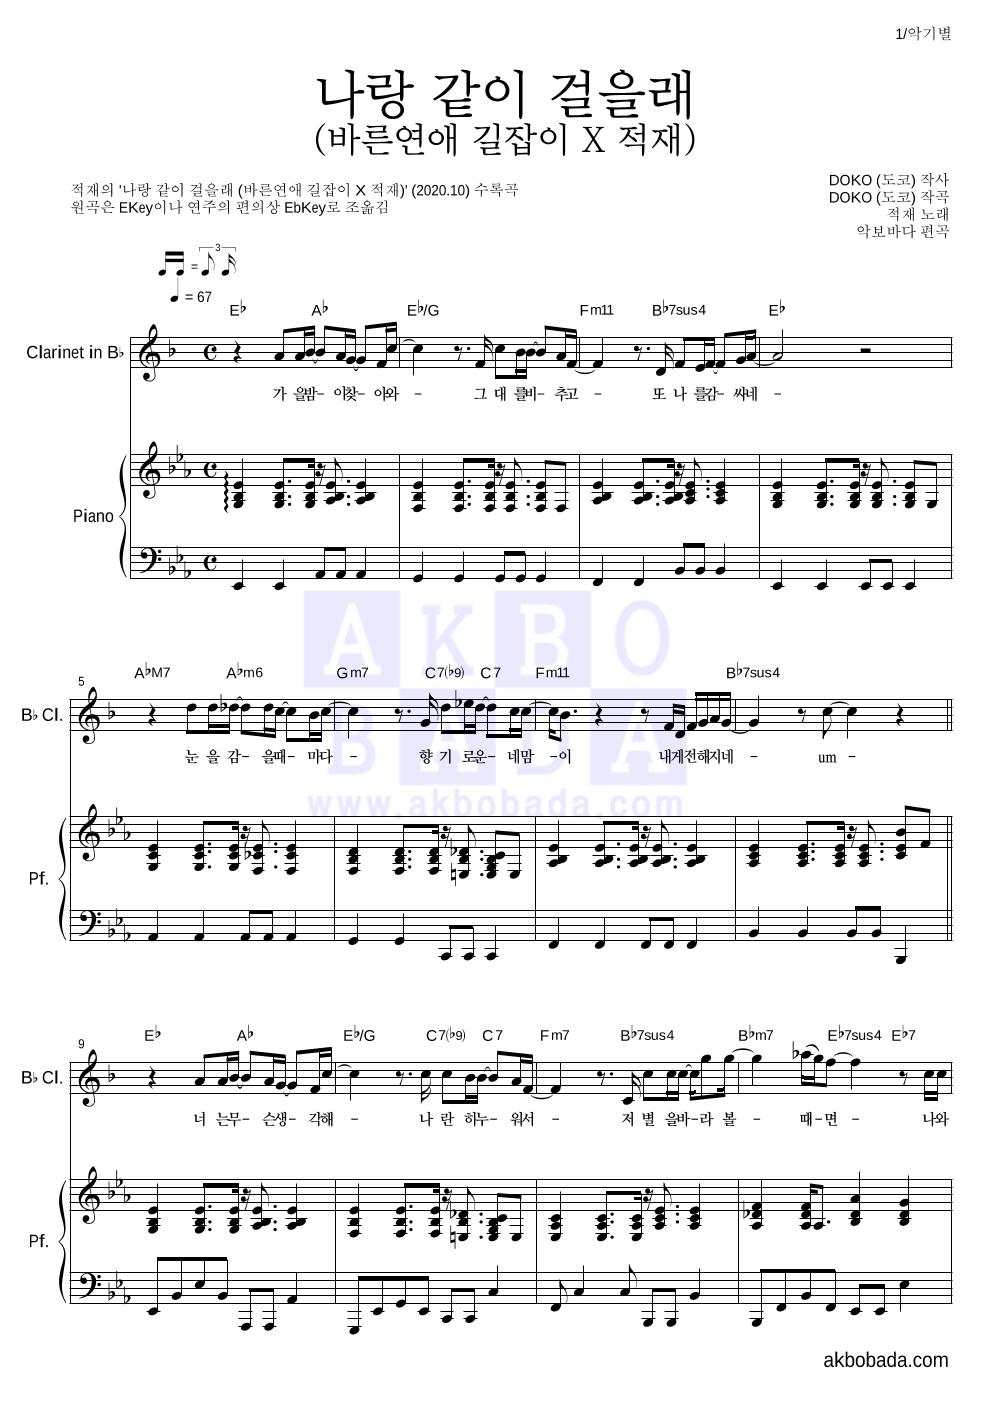 적재 - 나랑 같이 걸을래 (바른연애 길잡이 X 적재) 클라리넷&피아노 악보